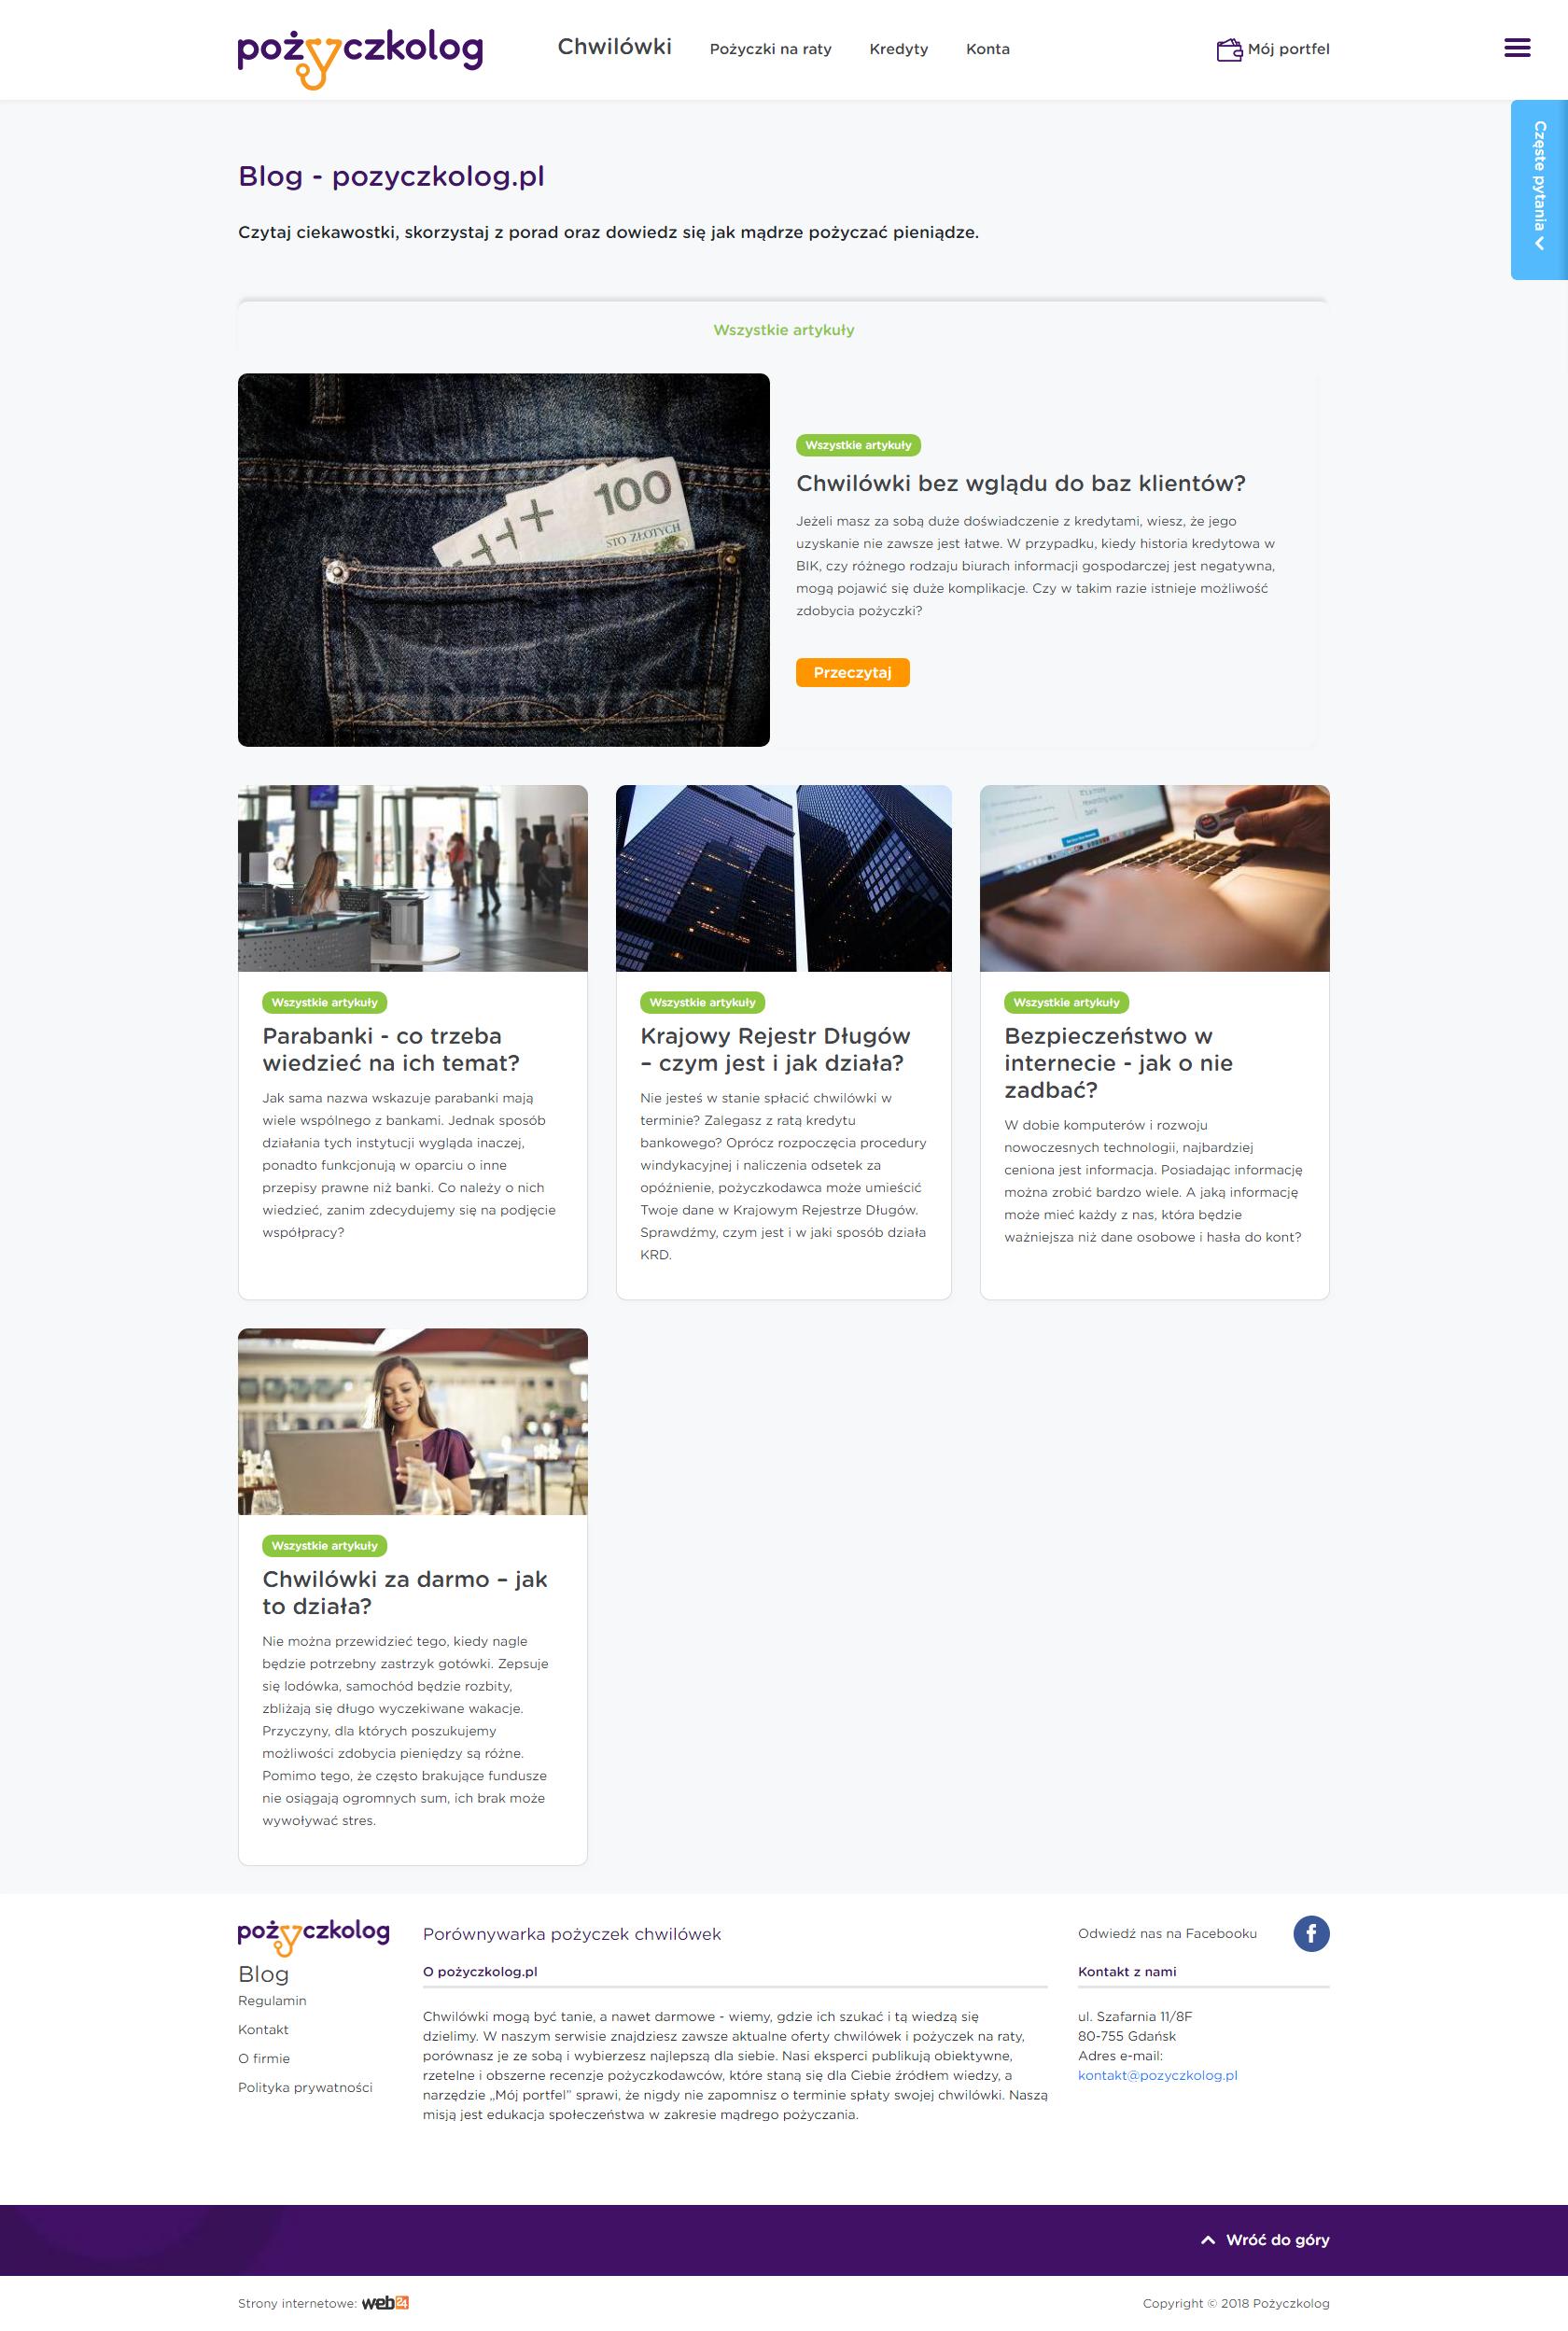 FireShot Capture 603 - Blog - Pożyczkolog - https___pozyczkolog.pl_pl_blog